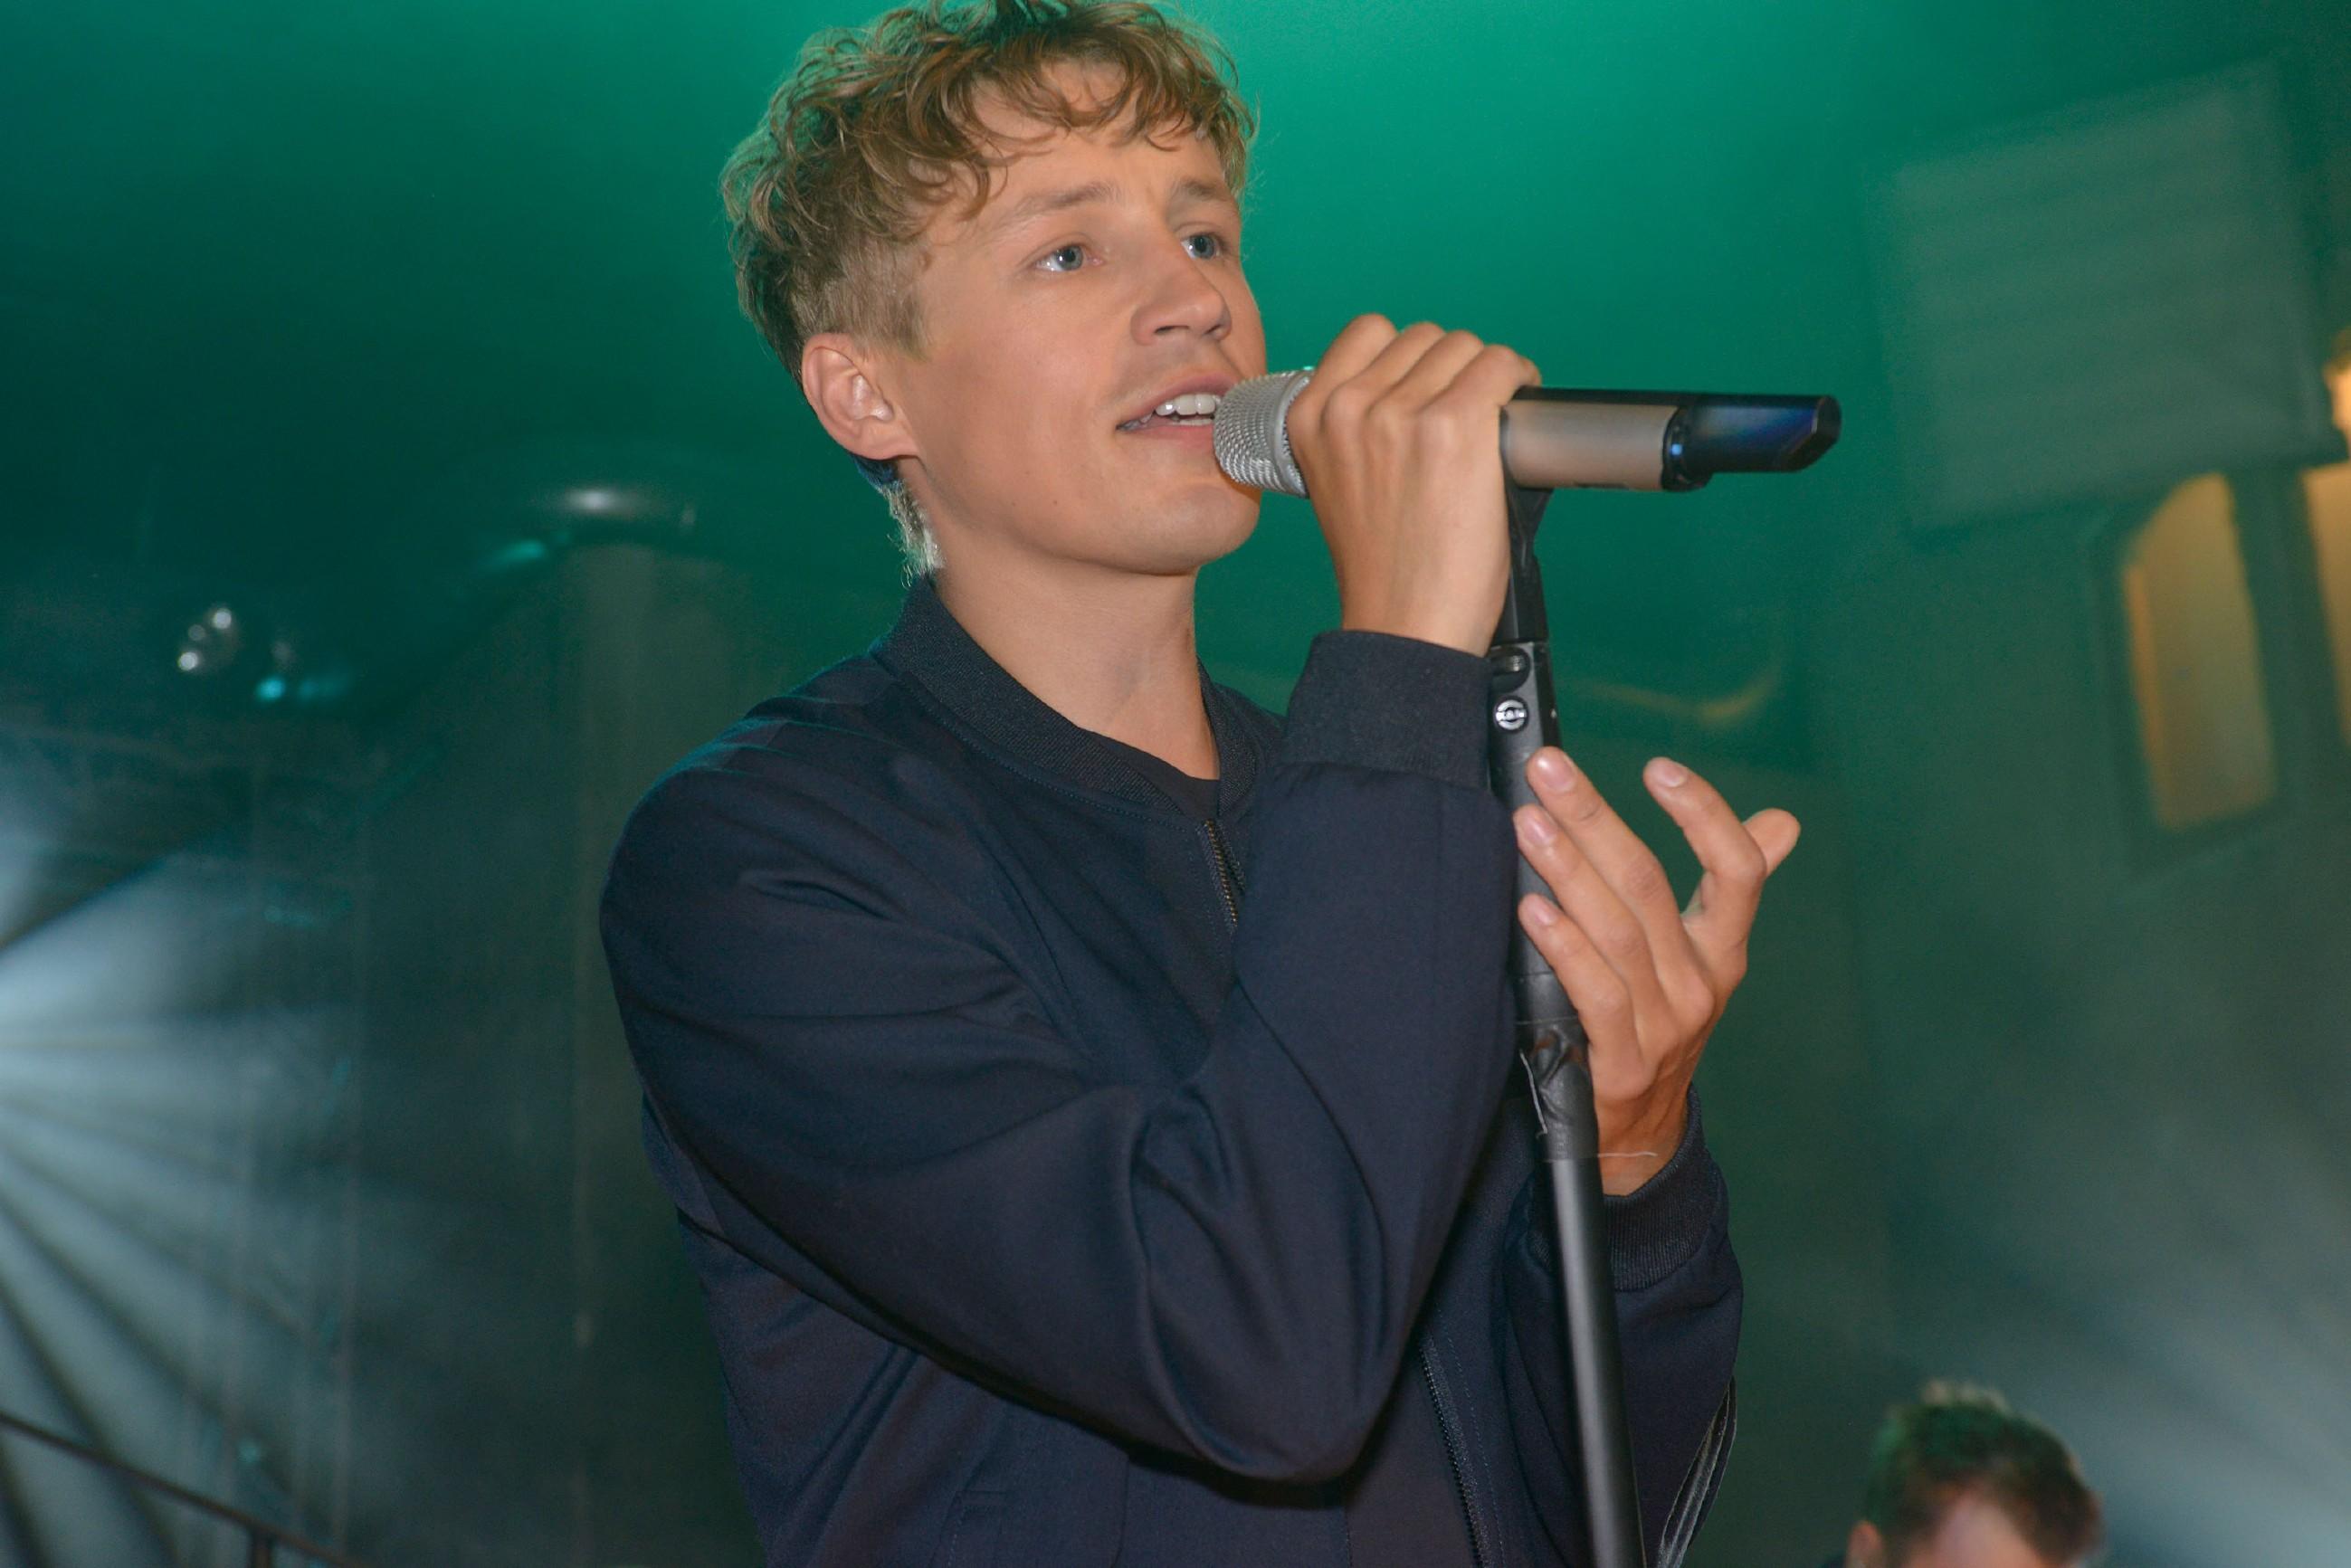 Der erfolgreiche Singer-Songwriter Tim Bendzko gibt ein Konzert im Mauerwerk. (Quelle: RTL / Rolf Baumgartner)